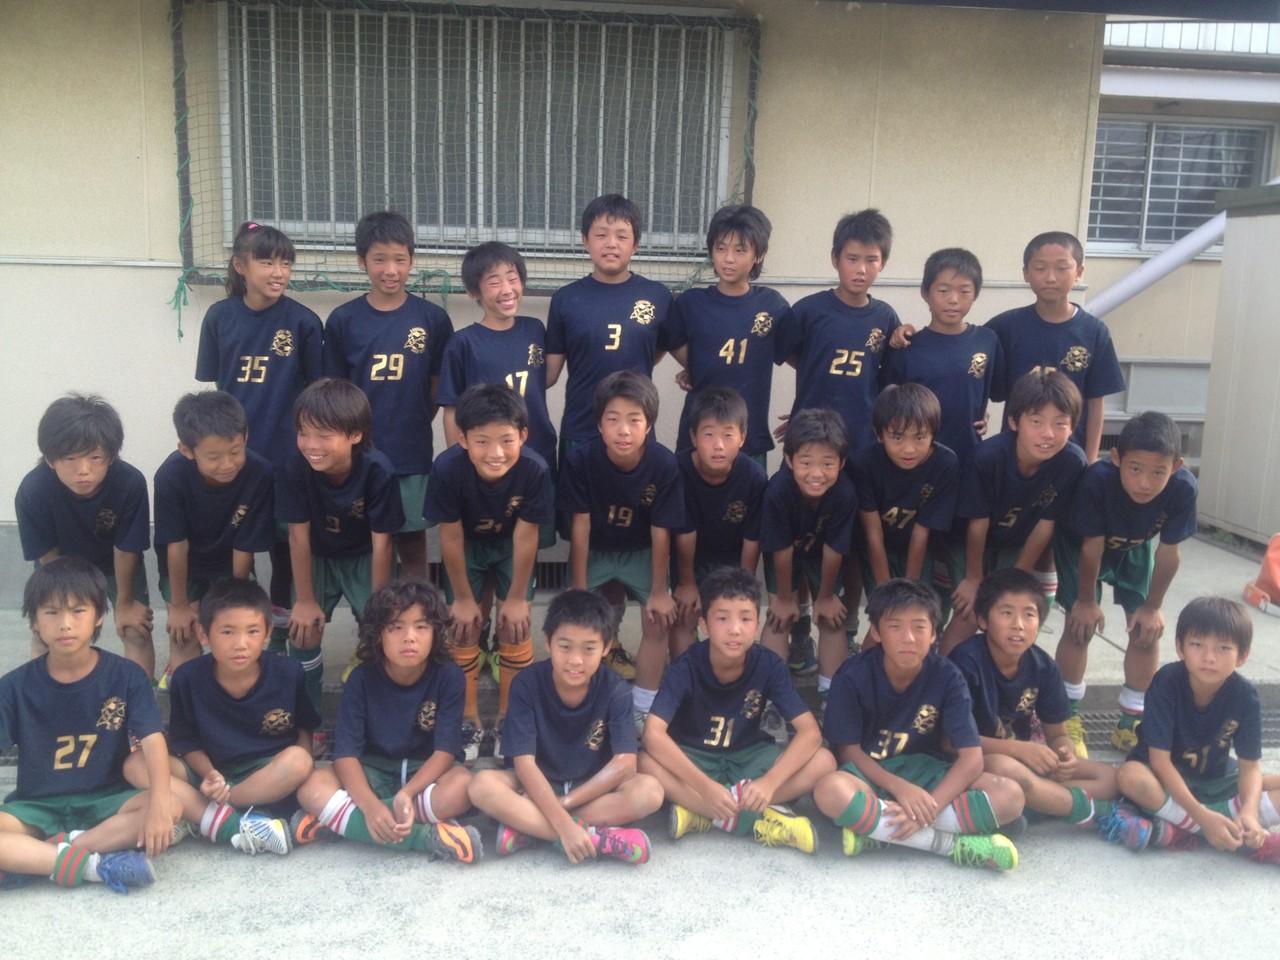 シーガルズ杯 U-12